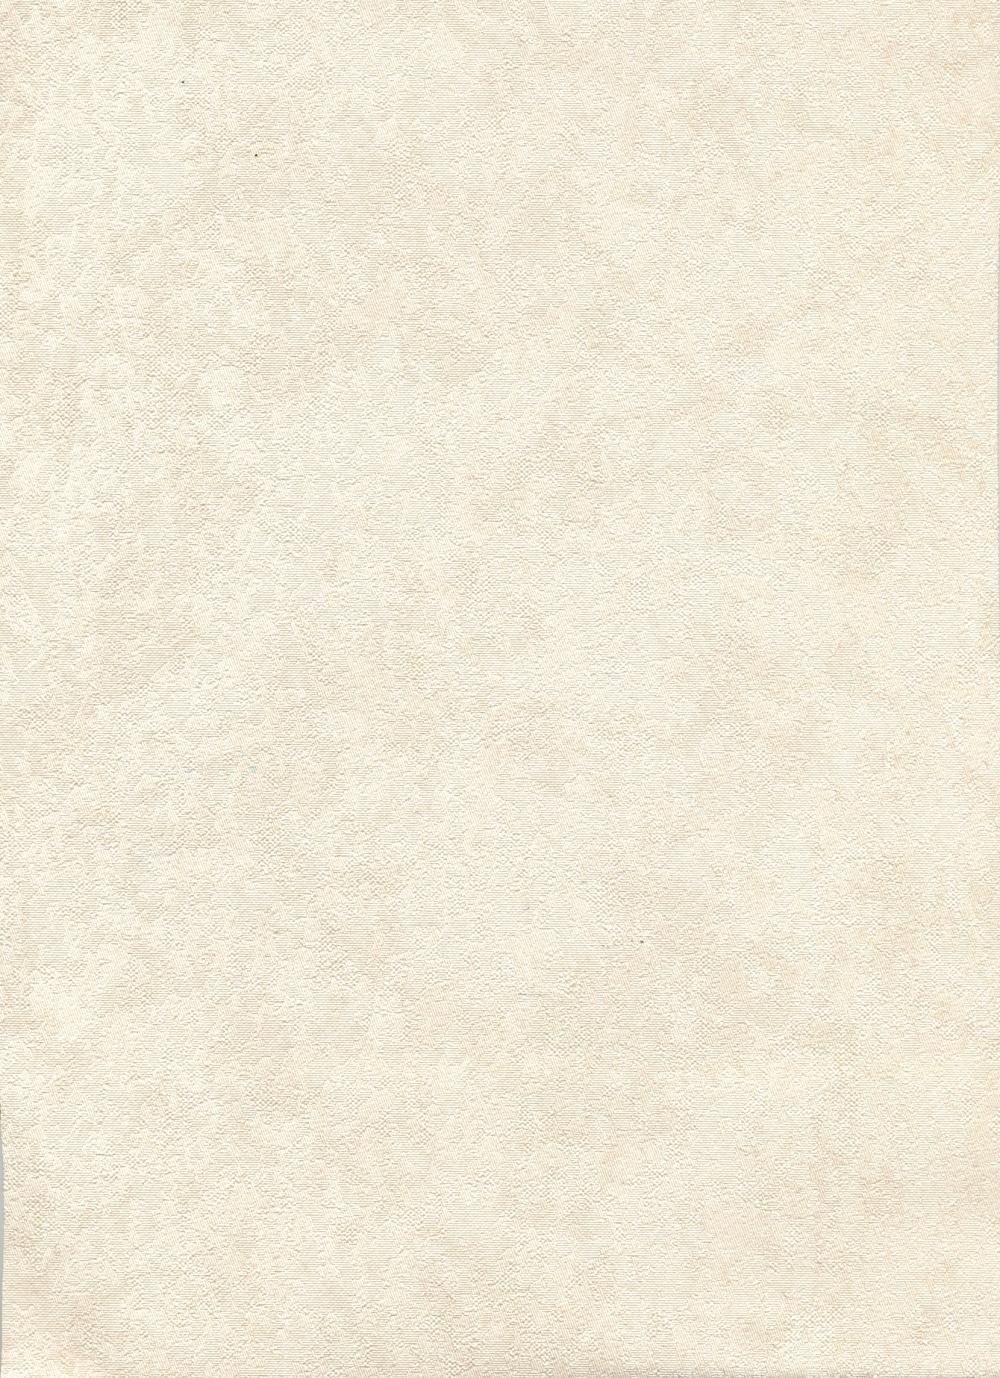 Солярис фон арт. 1090-12